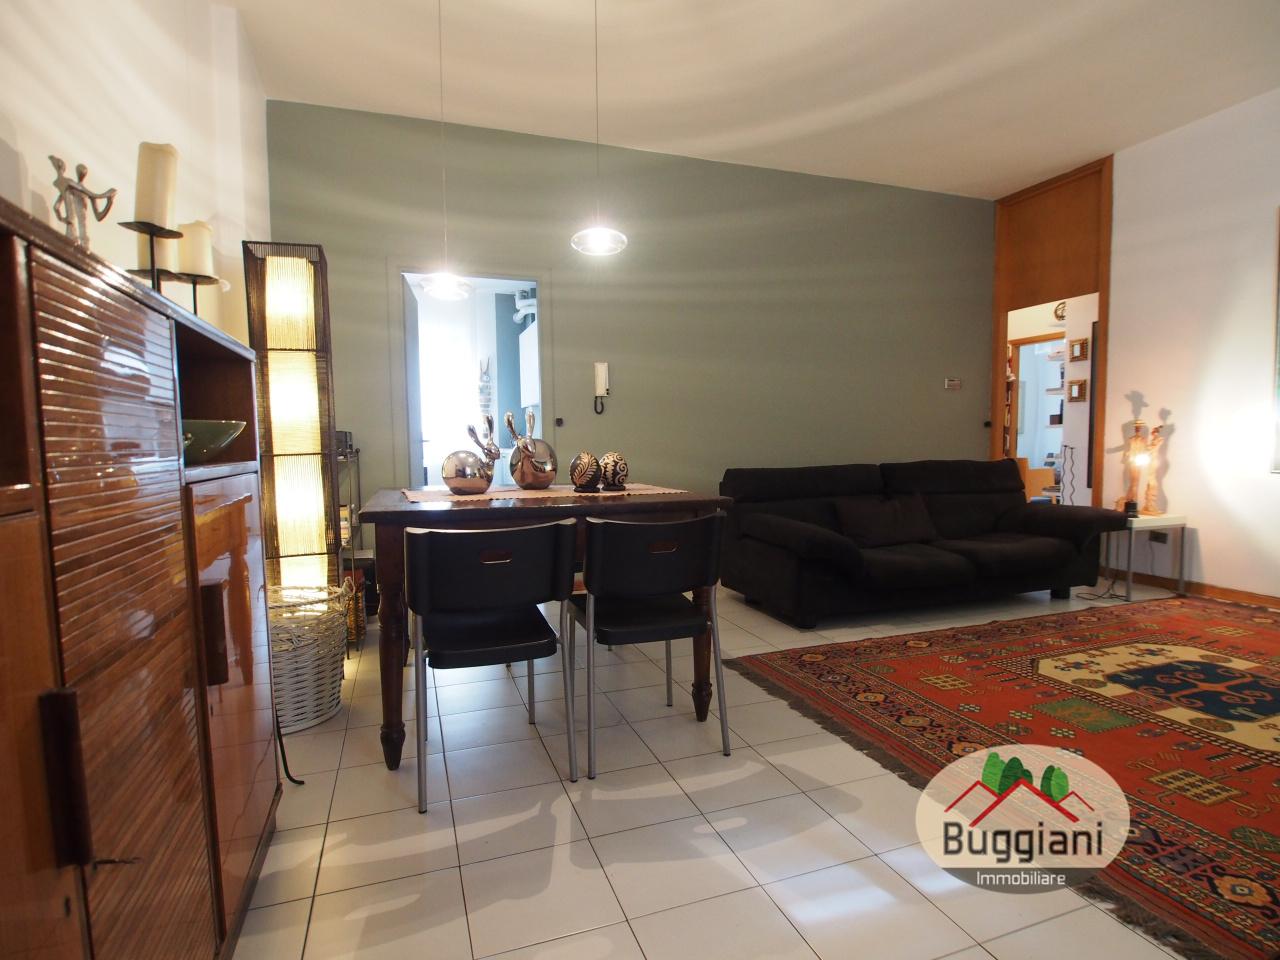 Appartamento in vendita RIF. 1949, San Miniato (PI)